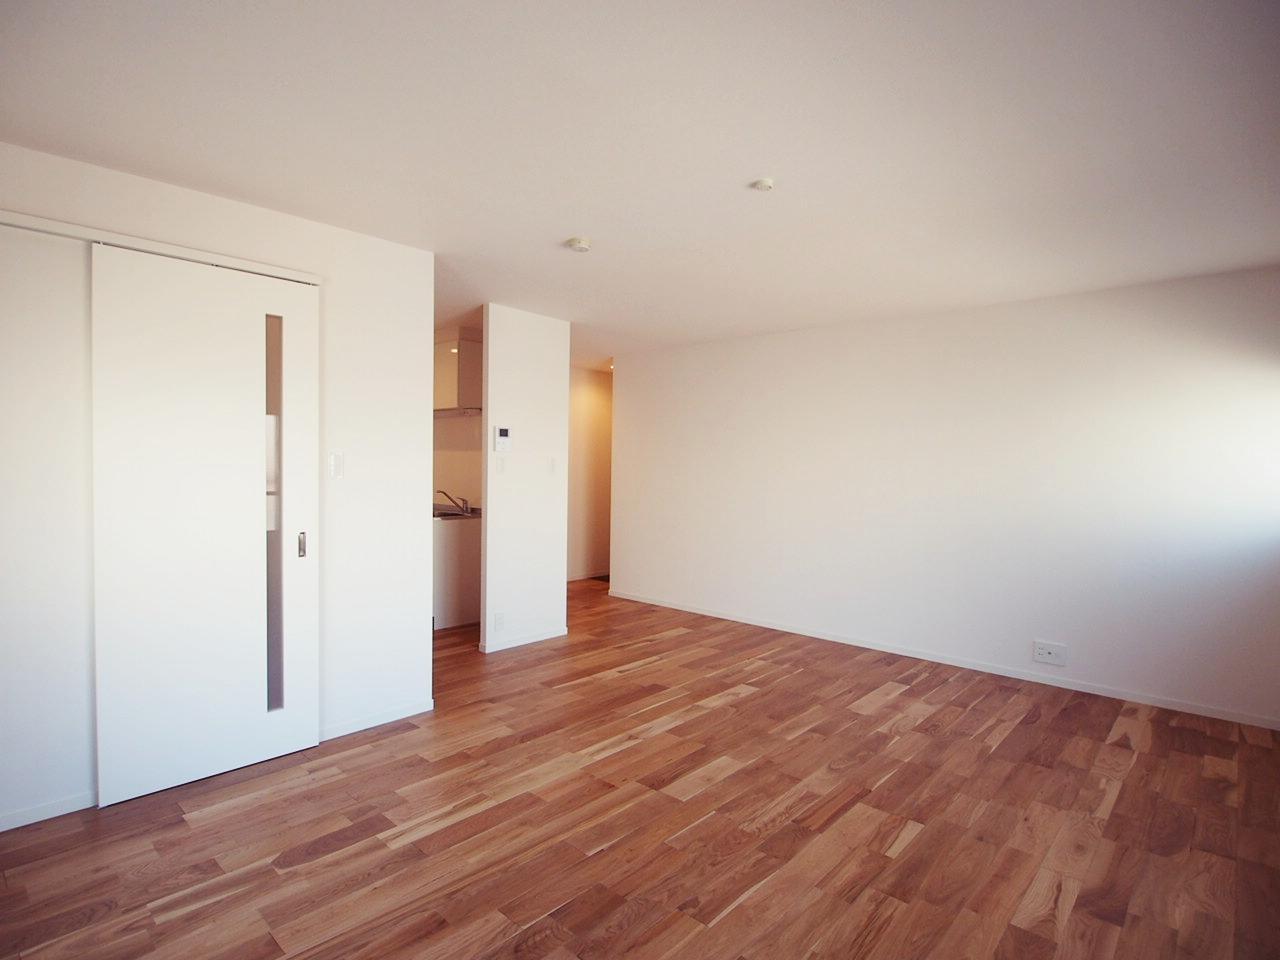 この冬、いちばん潔い部屋。 (福岡市中央区春吉の物件) - 福岡R不動産